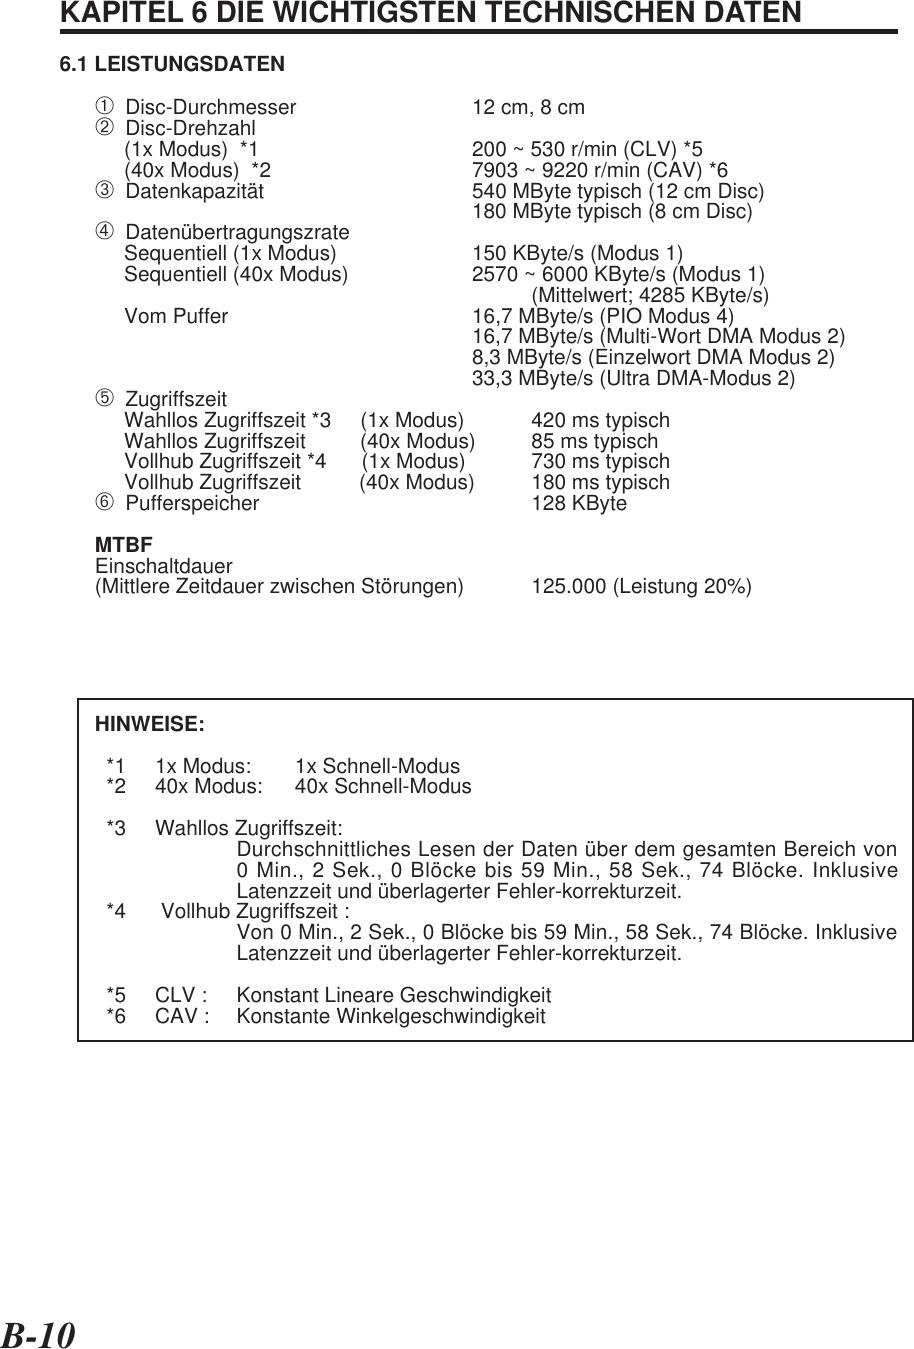 B-10KAPITEL 6 DIE WICHTIGSTEN TECHNISCHEN DATEN6.1 LEISTUNGSDATEN➀  Disc-Durchmesser 12 cm, 8 cm➁  Disc-Drehzahl(1x Modus)  *1 200 ~ 530 r/min (CLV) *5(40x Modus)  *2 7903 ~ 9220 r/min (CAV) *6➂  Datenkapazität 540 MByte typisch (12 cm Disc)180 MByte typisch (8 cm Disc)➃  DatenübertragungszrateSequentiell (1x Modus) 150 KByte/s (Modus 1)Sequentiell (40x Modus) 2570 ~ 6000 KByte/s (Modus 1)(Mittelwert; 4285 KByte/s)Vom Puffer 16,7 MByte/s (PIO Modus 4)16,7 MByte/s (Multi-Wort DMA Modus 2)8,3 MByte/s (Einzelwort DMA Modus 2)33,3 MByte/s (Ultra DMA-Modus 2)➄  ZugriffszeitWahllos Zugriffszeit *3     (1x Modus) 420 ms typischWahllos Zugriffszeit  (40x Modus) 85 ms typischVollhub Zugriffszeit *4      (1x Modus) 730 ms typischVollhub Zugriffszeit          (40x Modus) 180 ms typisch➅  Pufferspeicher 128 KByteMTBFEinschaltdauer(Mittlere Zeitdauer zwischen Störungen) 125.000 (Leistung 20%)HINWEISE:*1     1x Modus: 1x Schnell-Modus*2     40x Modus: 40x Schnell-Modus*3     Wahllos Zugriffszeit:Durchschnittliches Lesen der Daten über dem gesamten Bereich von0 Min., 2 Sek., 0 Blöcke bis 59 Min., 58 Sek., 74 Blöcke. InklusiveLatenzzeit und überlagerter Fehler-korrekturzeit.*4      Vollhub Zugriffszeit :Von 0 Min., 2 Sek., 0 Blöcke bis 59 Min., 58 Sek., 74 Blöcke. InklusiveLatenzzeit und überlagerter Fehler-korrekturzeit.*5     CLV : Konstant Lineare Geschwindigkeit*6     CAV : Konstante Winkelgeschwindigkeit